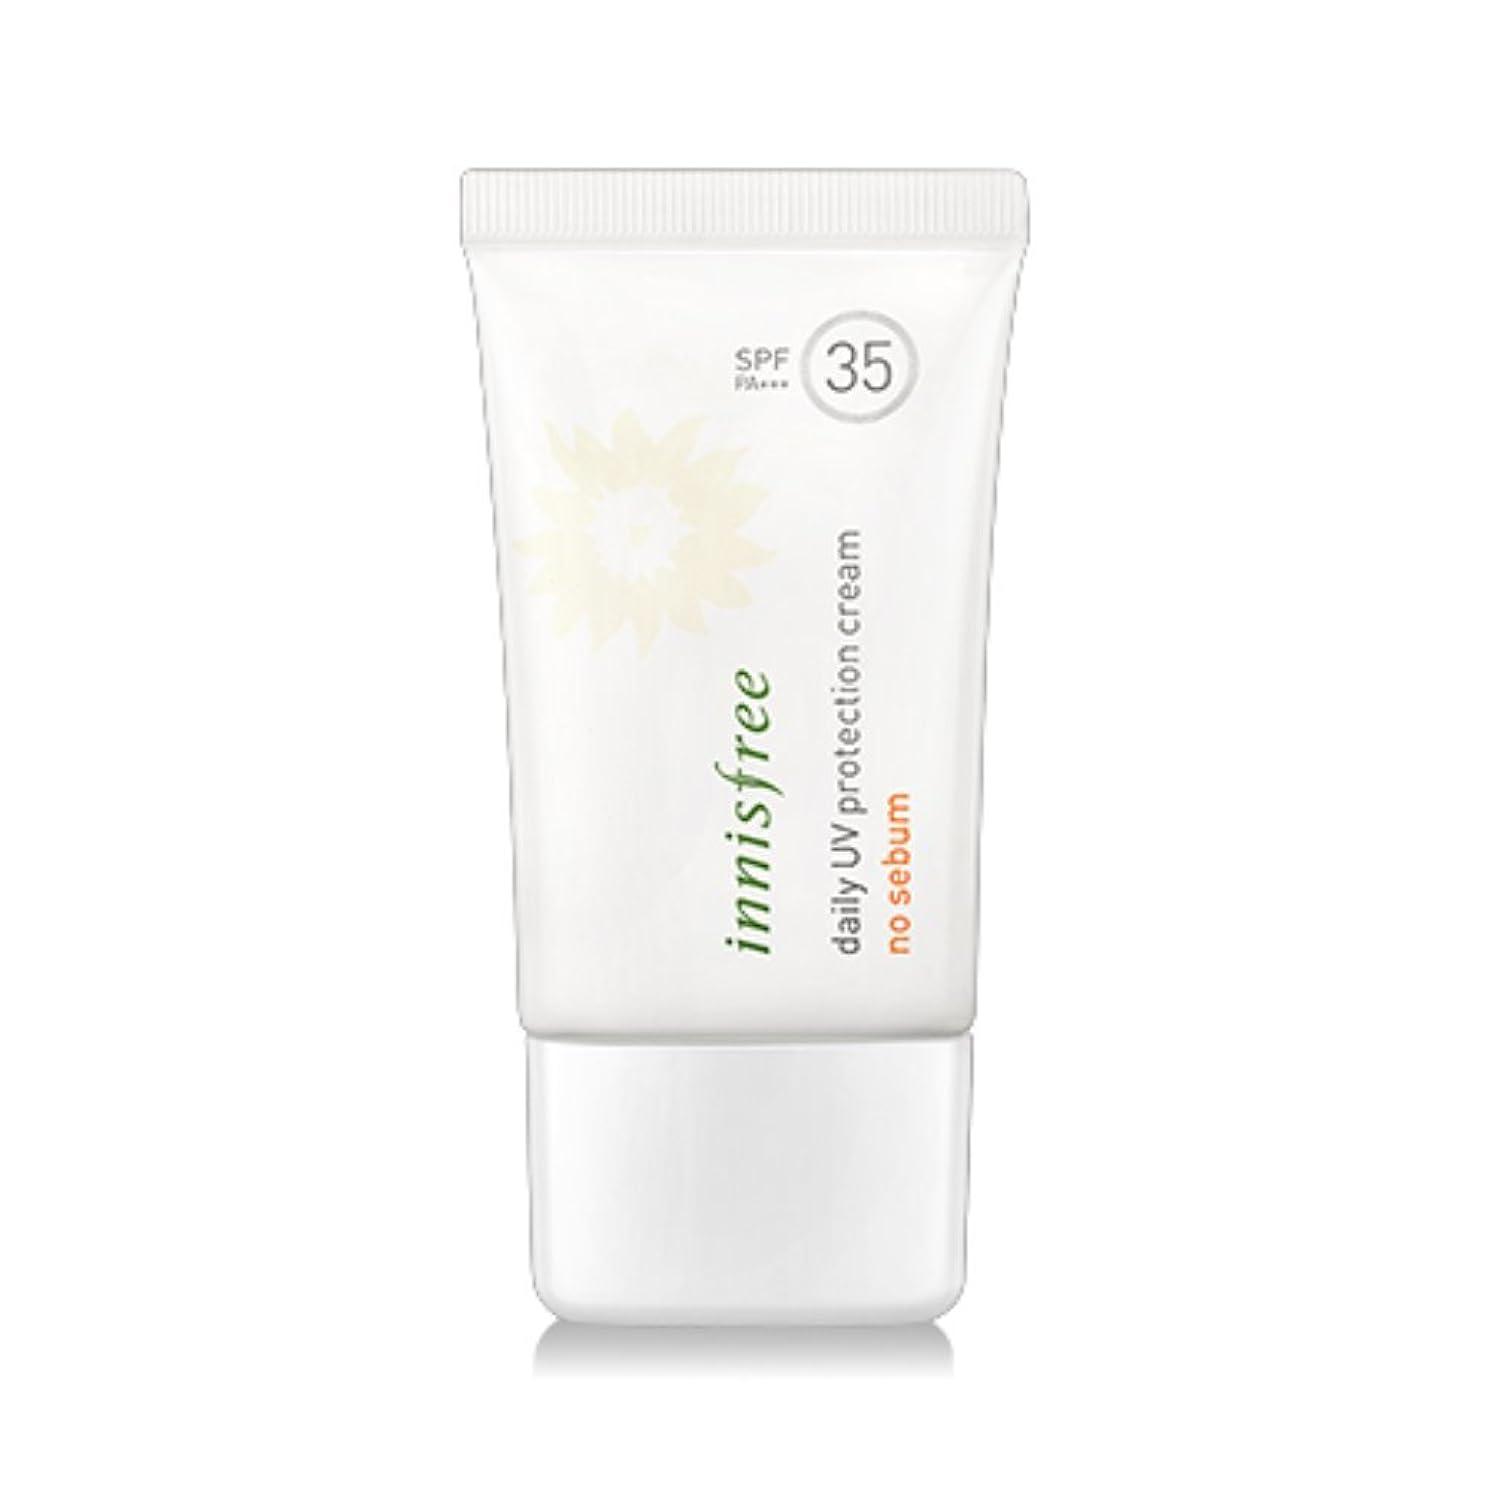 ペダル単位八百屋さん[New] innisfree Daily UV Protection Cream No Sebum (SPF35 PA+++) 50ml/イニスフリー デイリー UV プロテクション クリーム ノーシーバム (SPF35 PA+++) 50ml